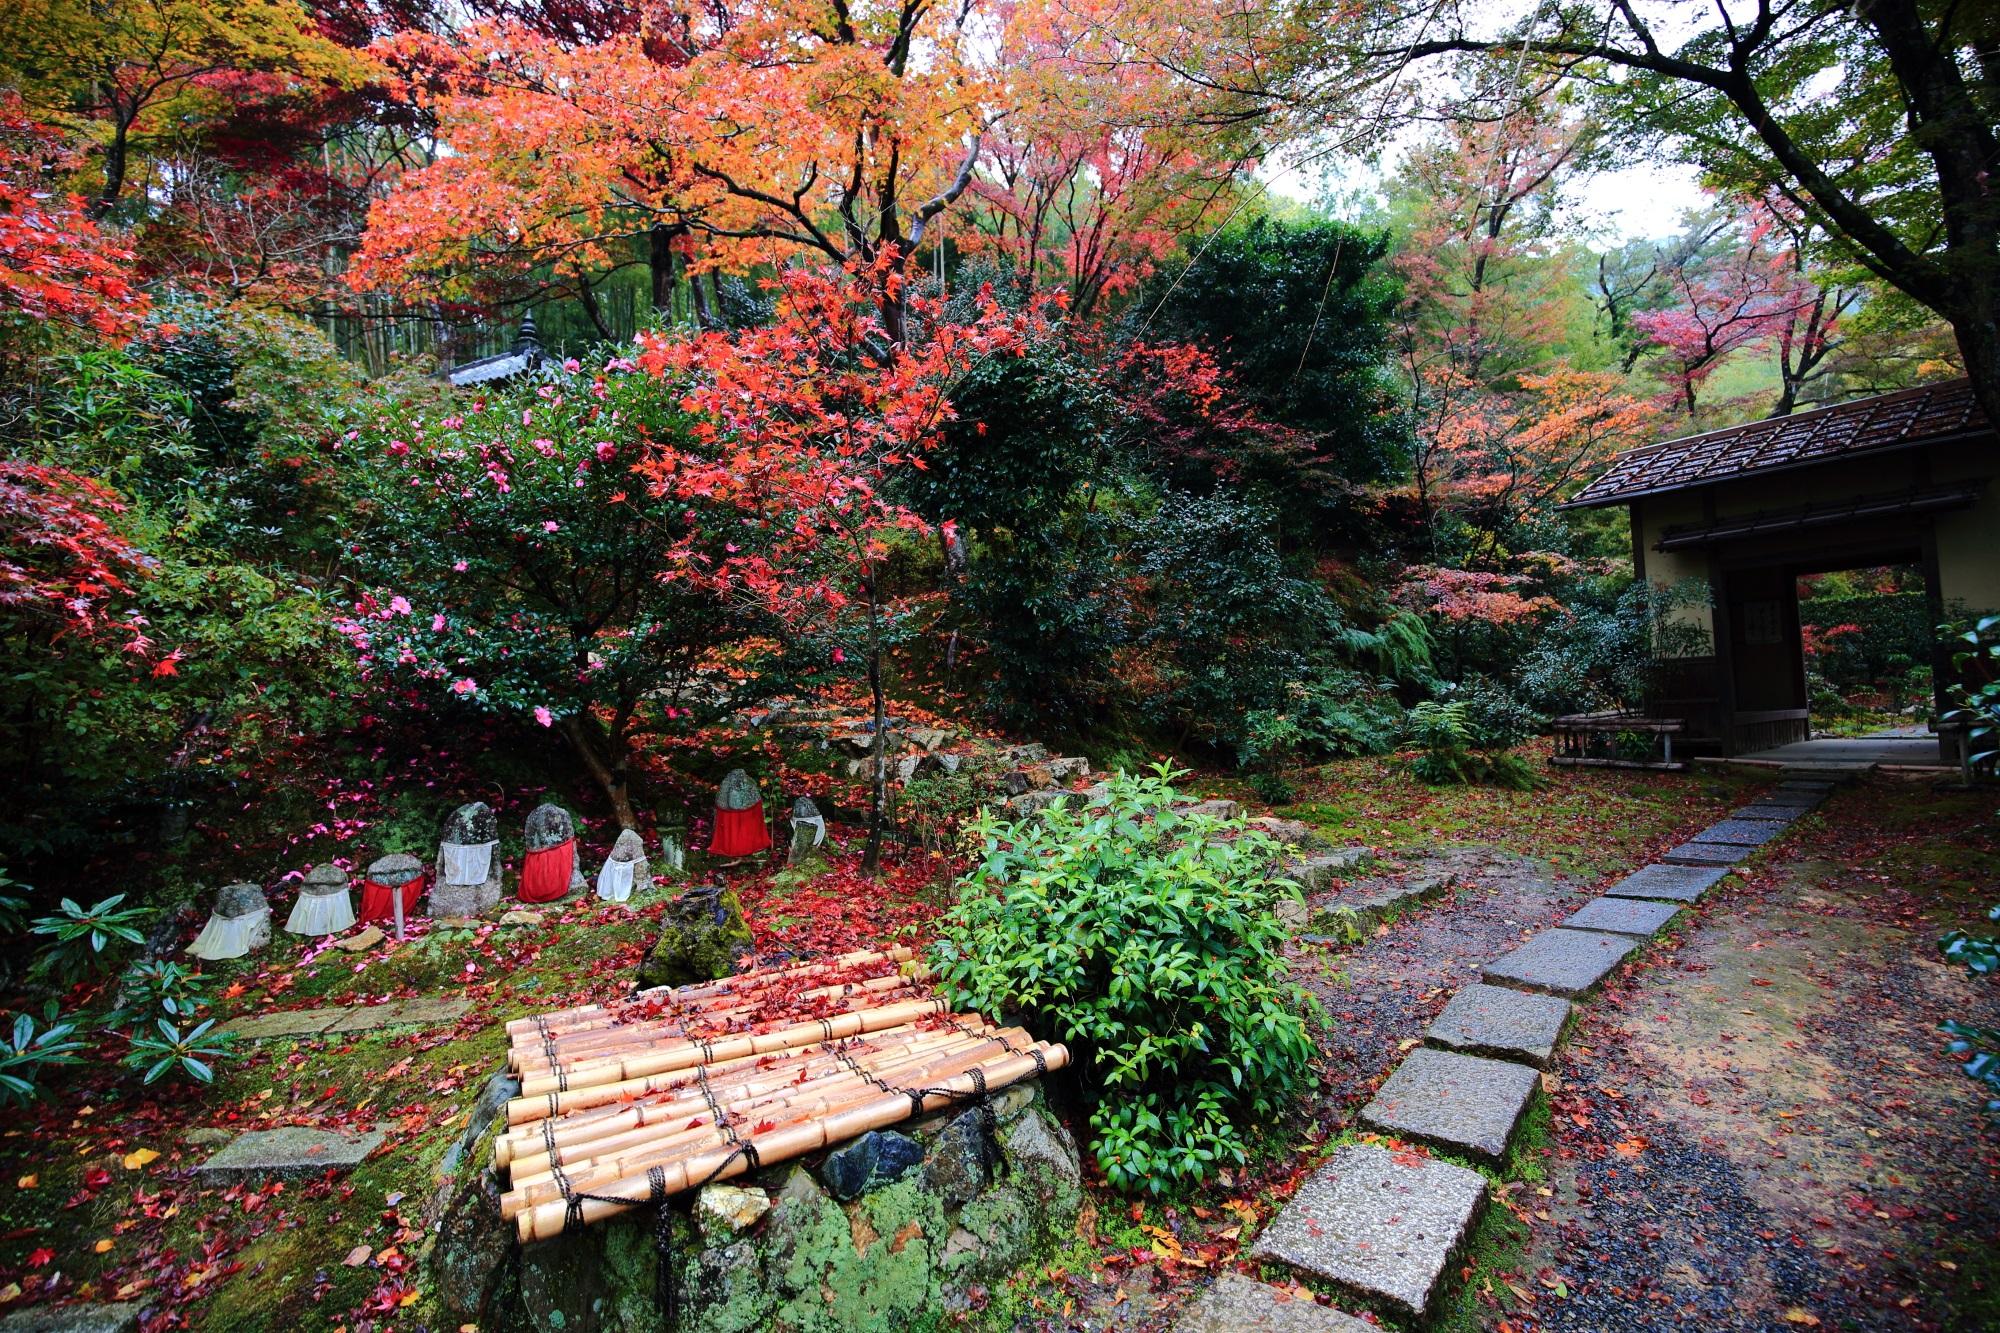 直指庵の開山堂前のお地蔵さんと見ごろの紅葉